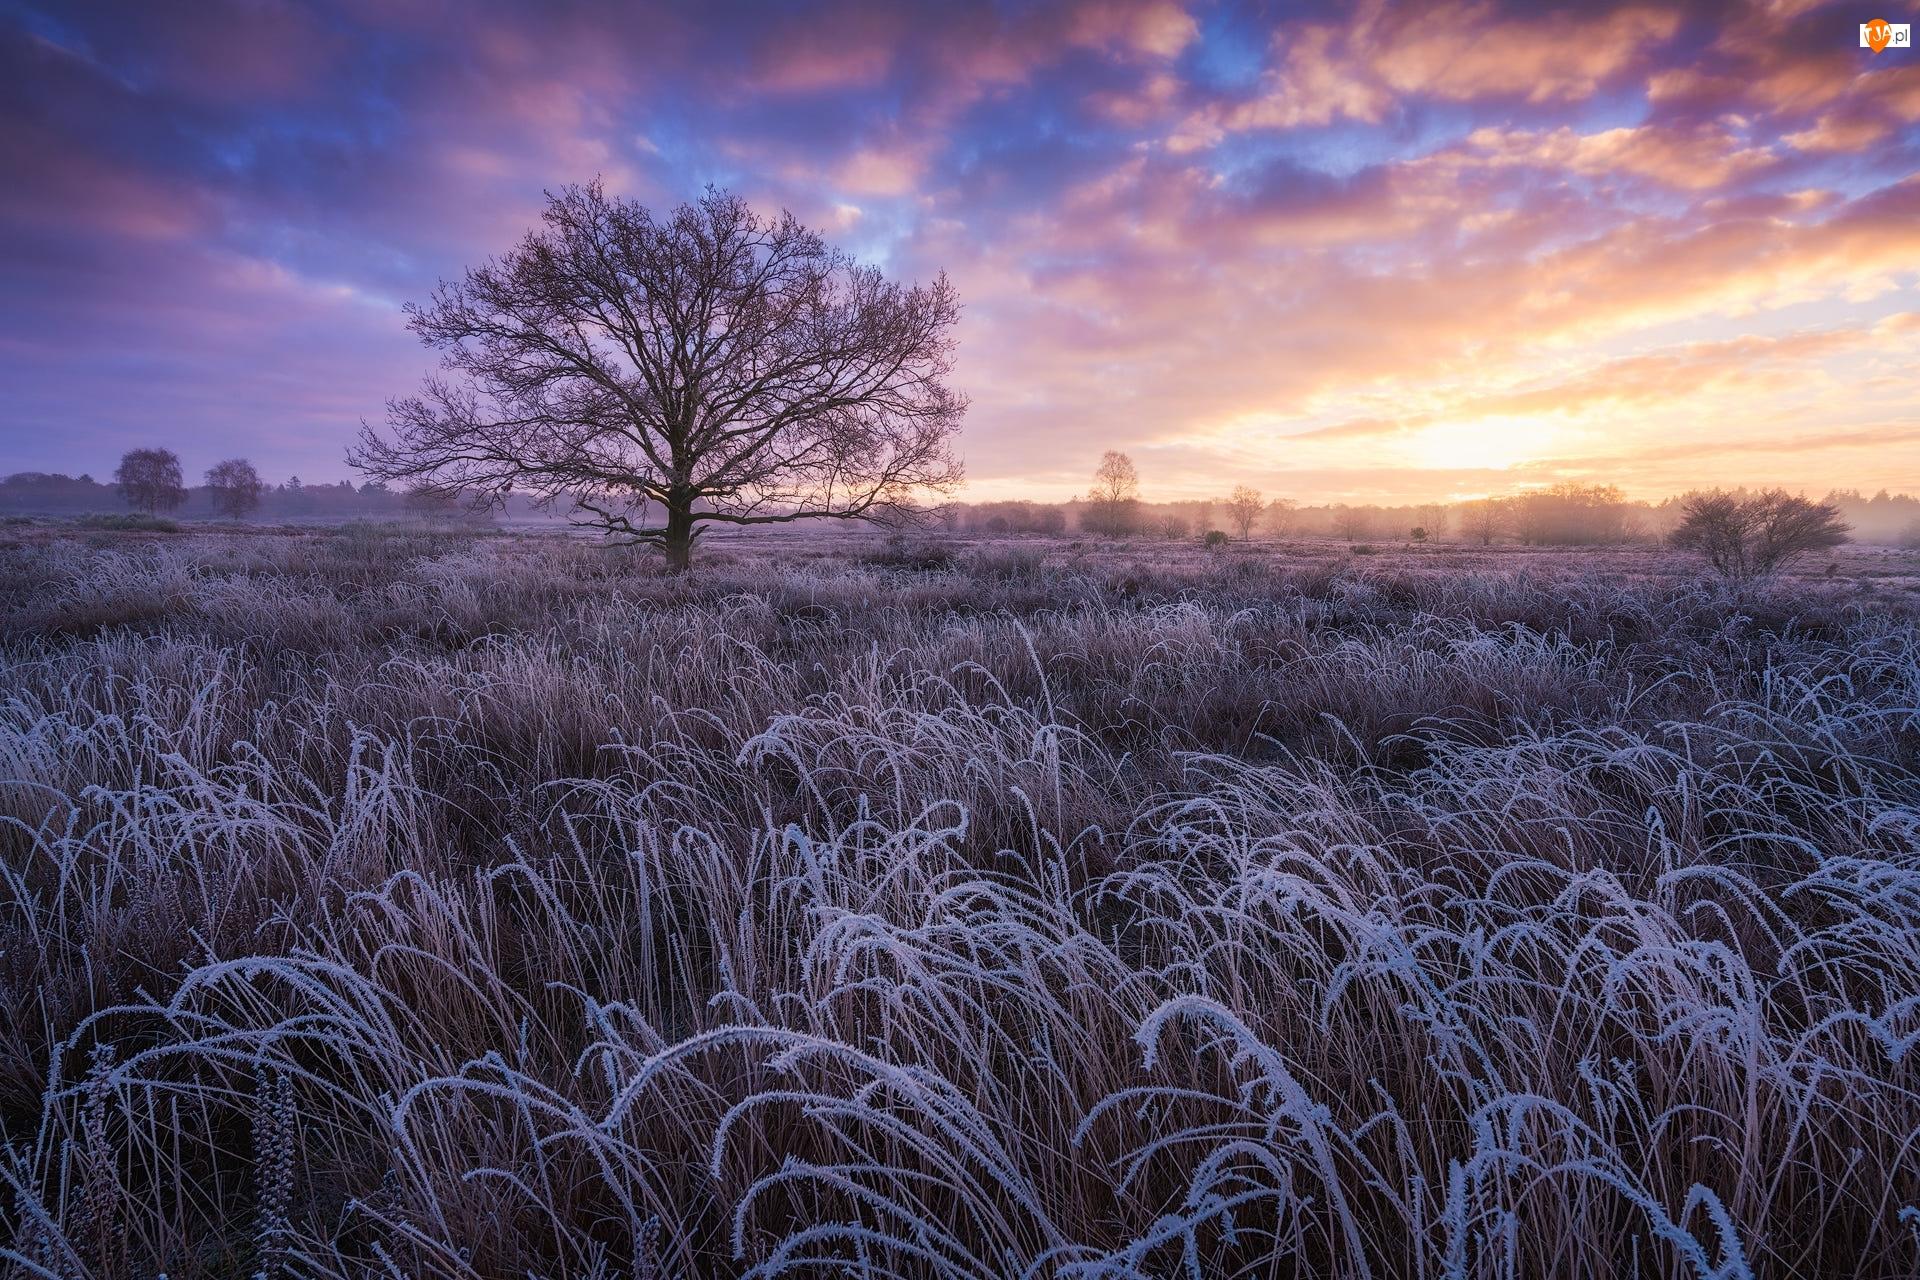 Drzewo, Wschód słońca, Trawa, Szron